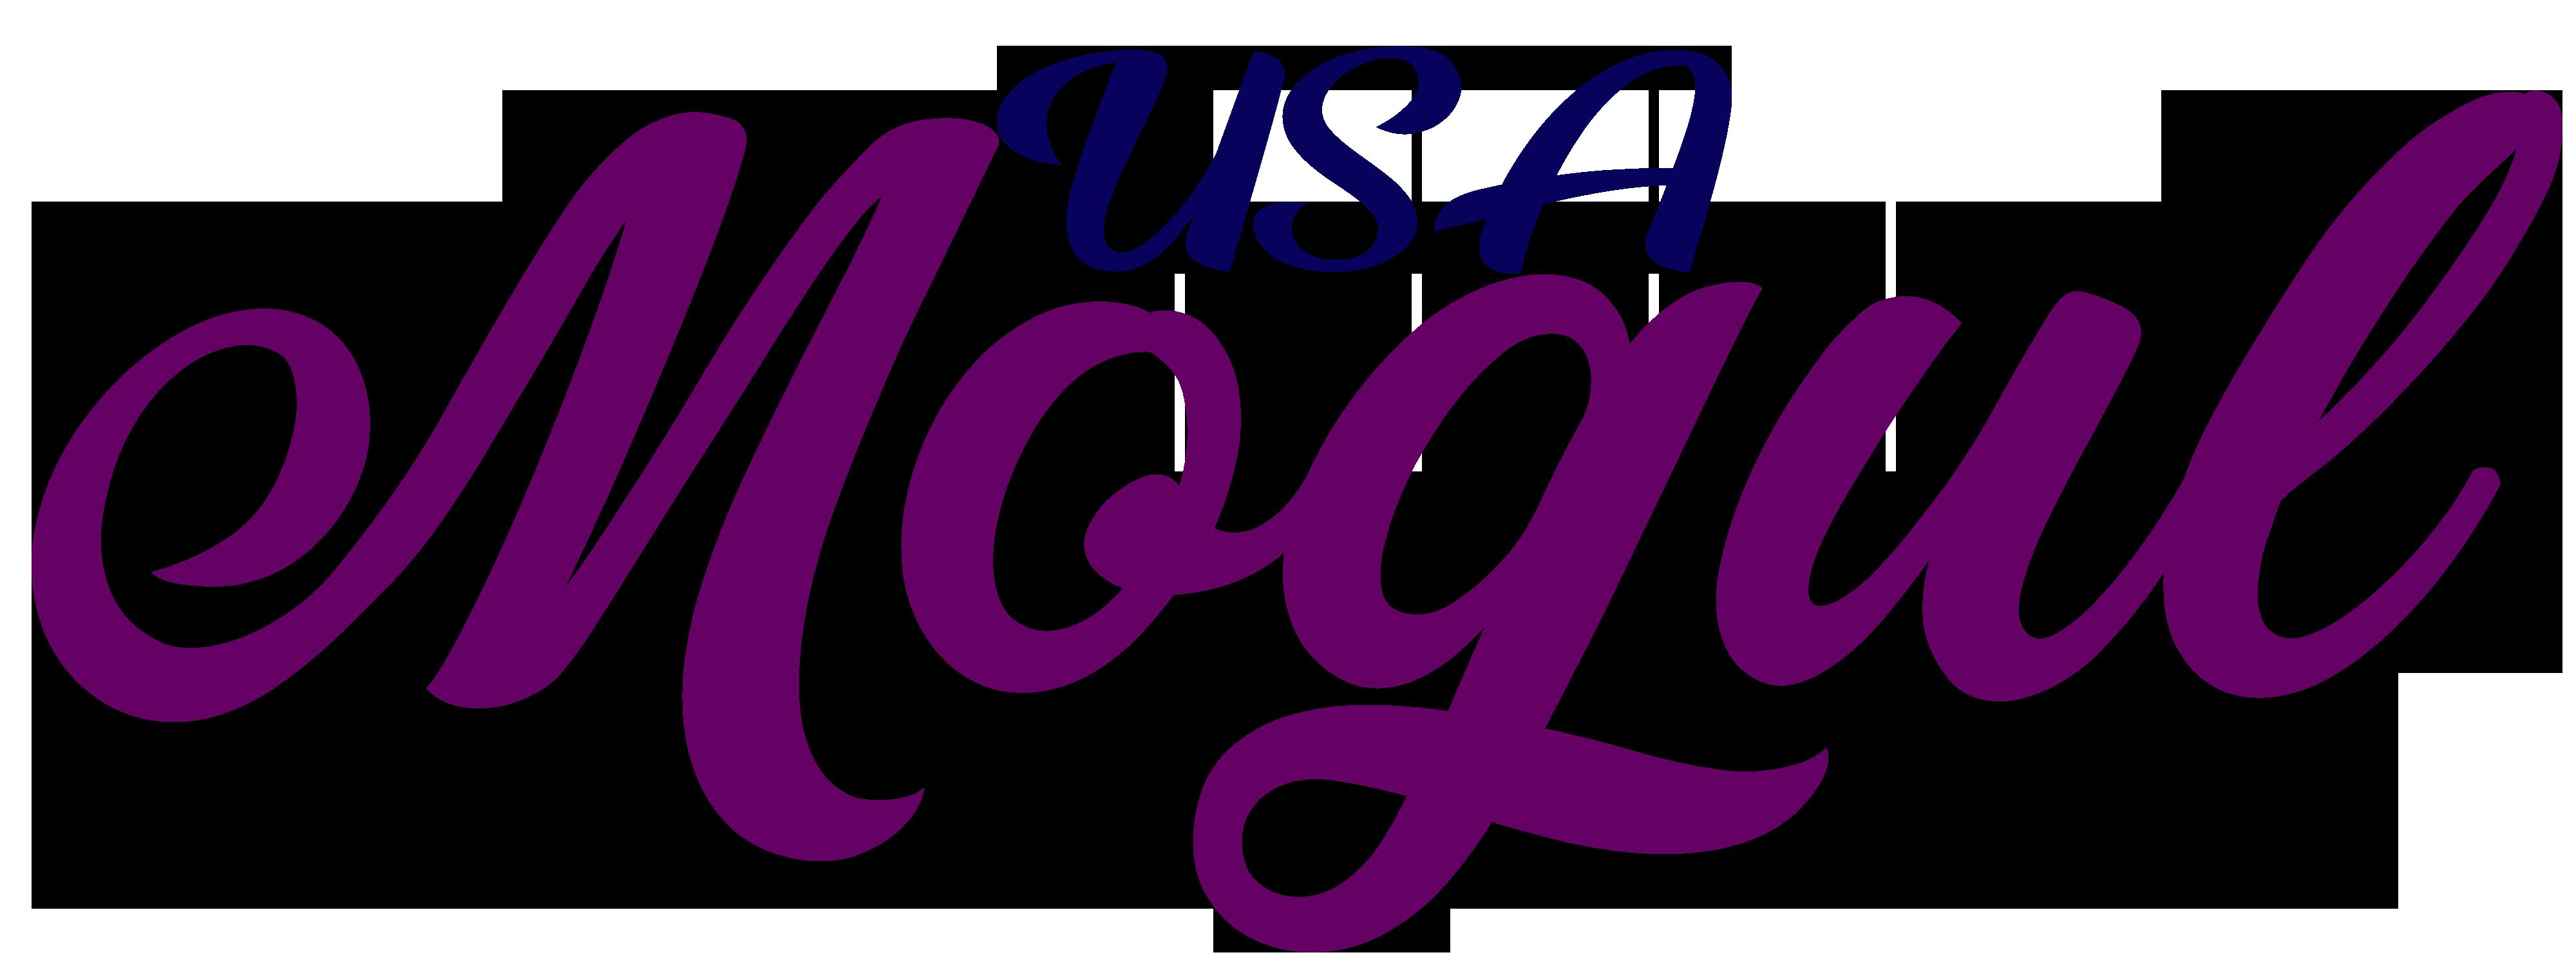 USA Mogul